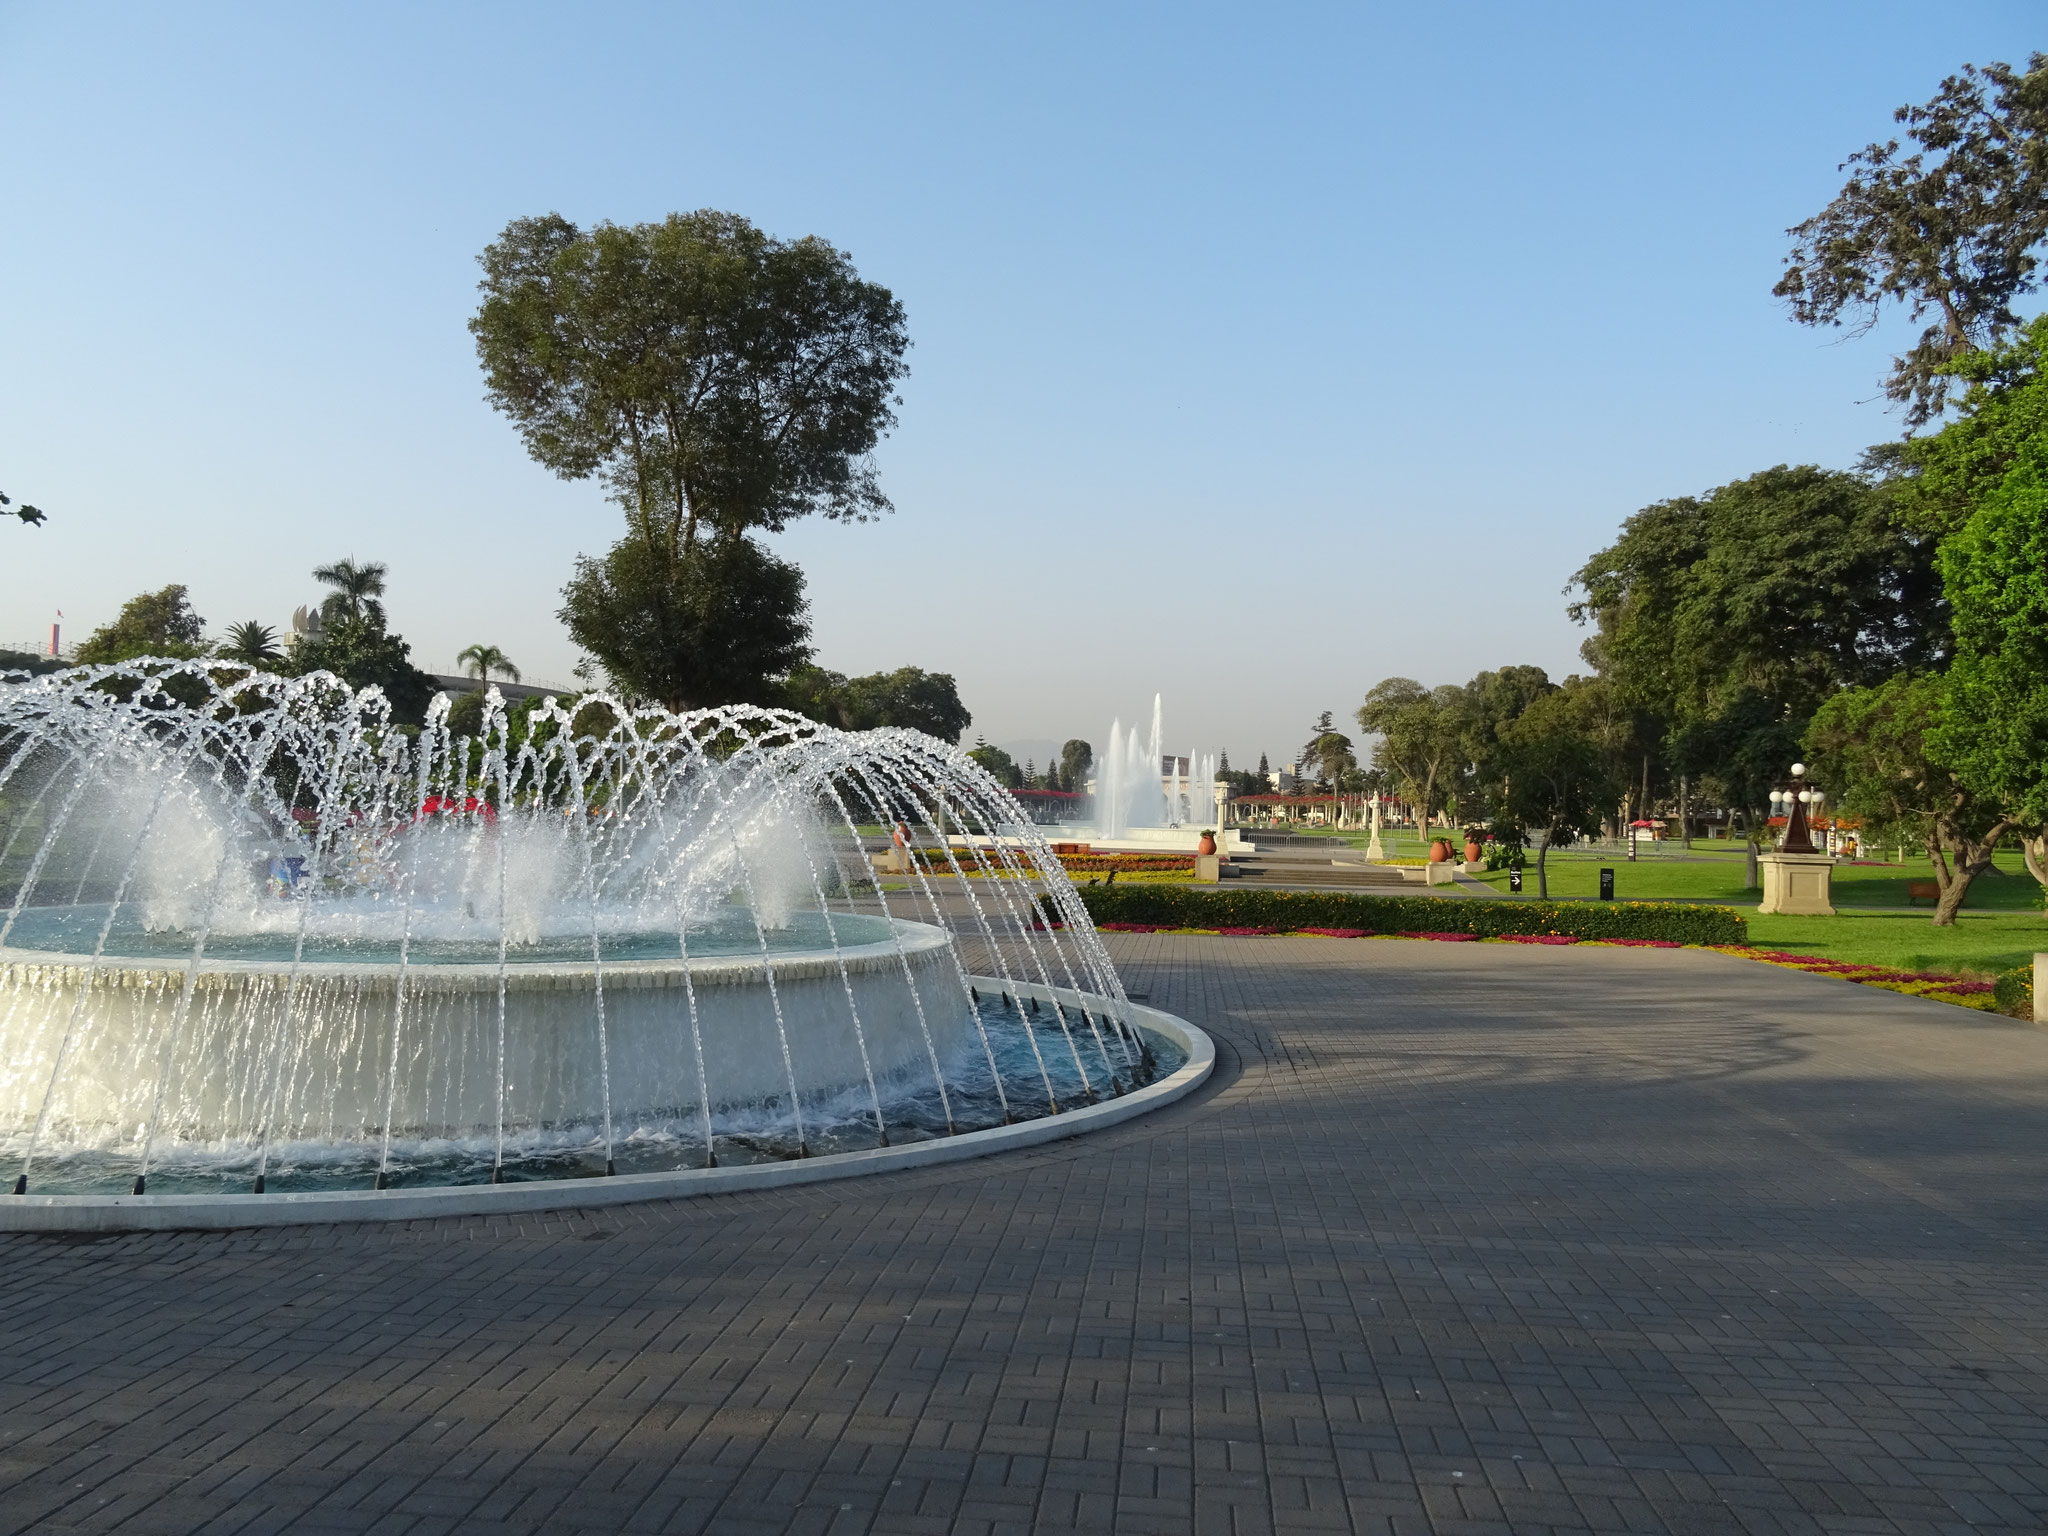 Parque des fontaines